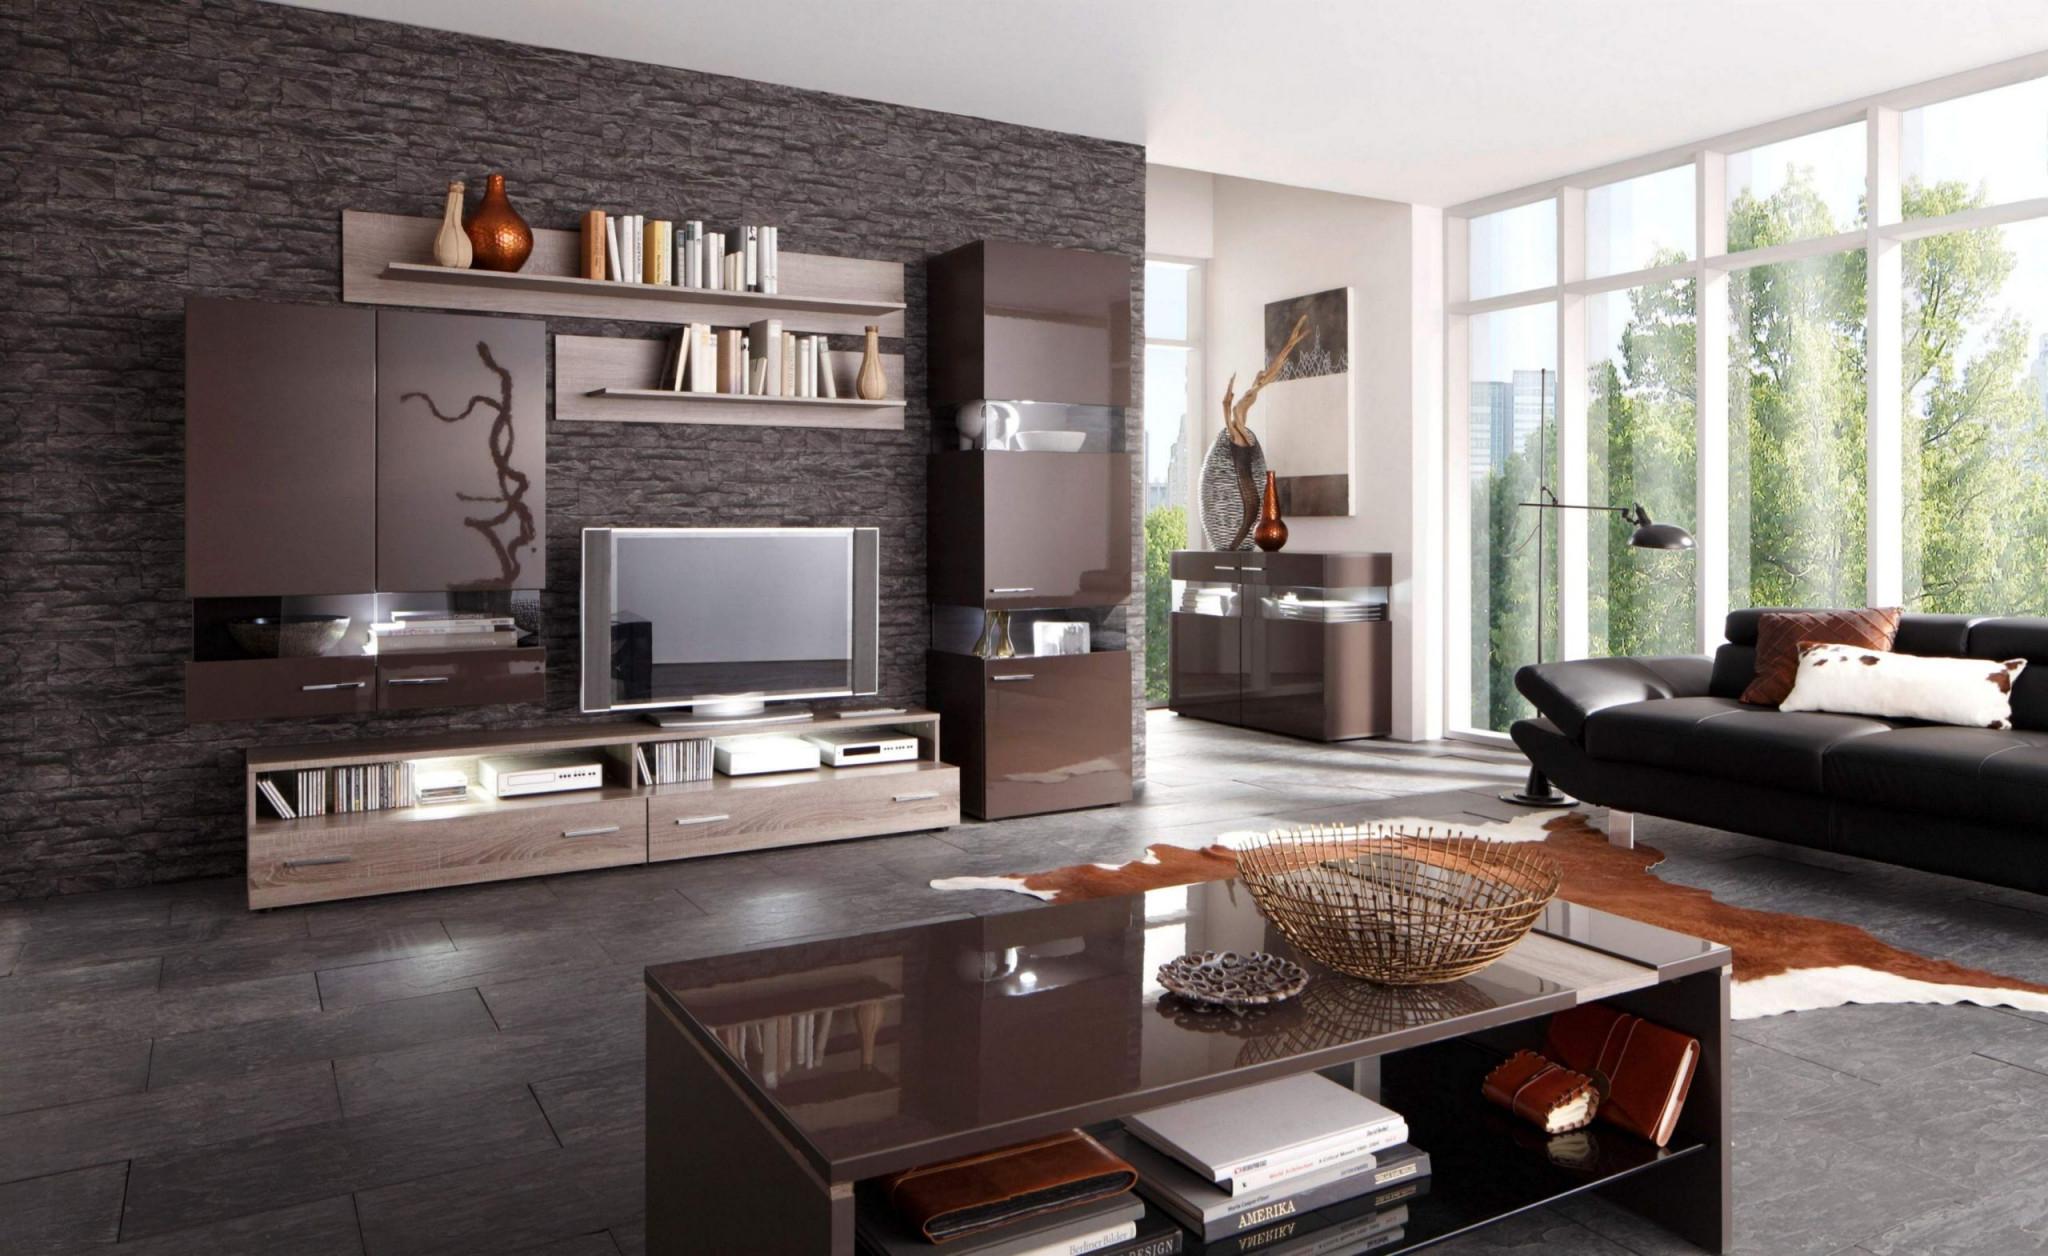 Schöne Wandbilder Wohnzimmer Inspirierend Wohnzimmer Modern von Wohnzimmer Ideen Schwarz Photo